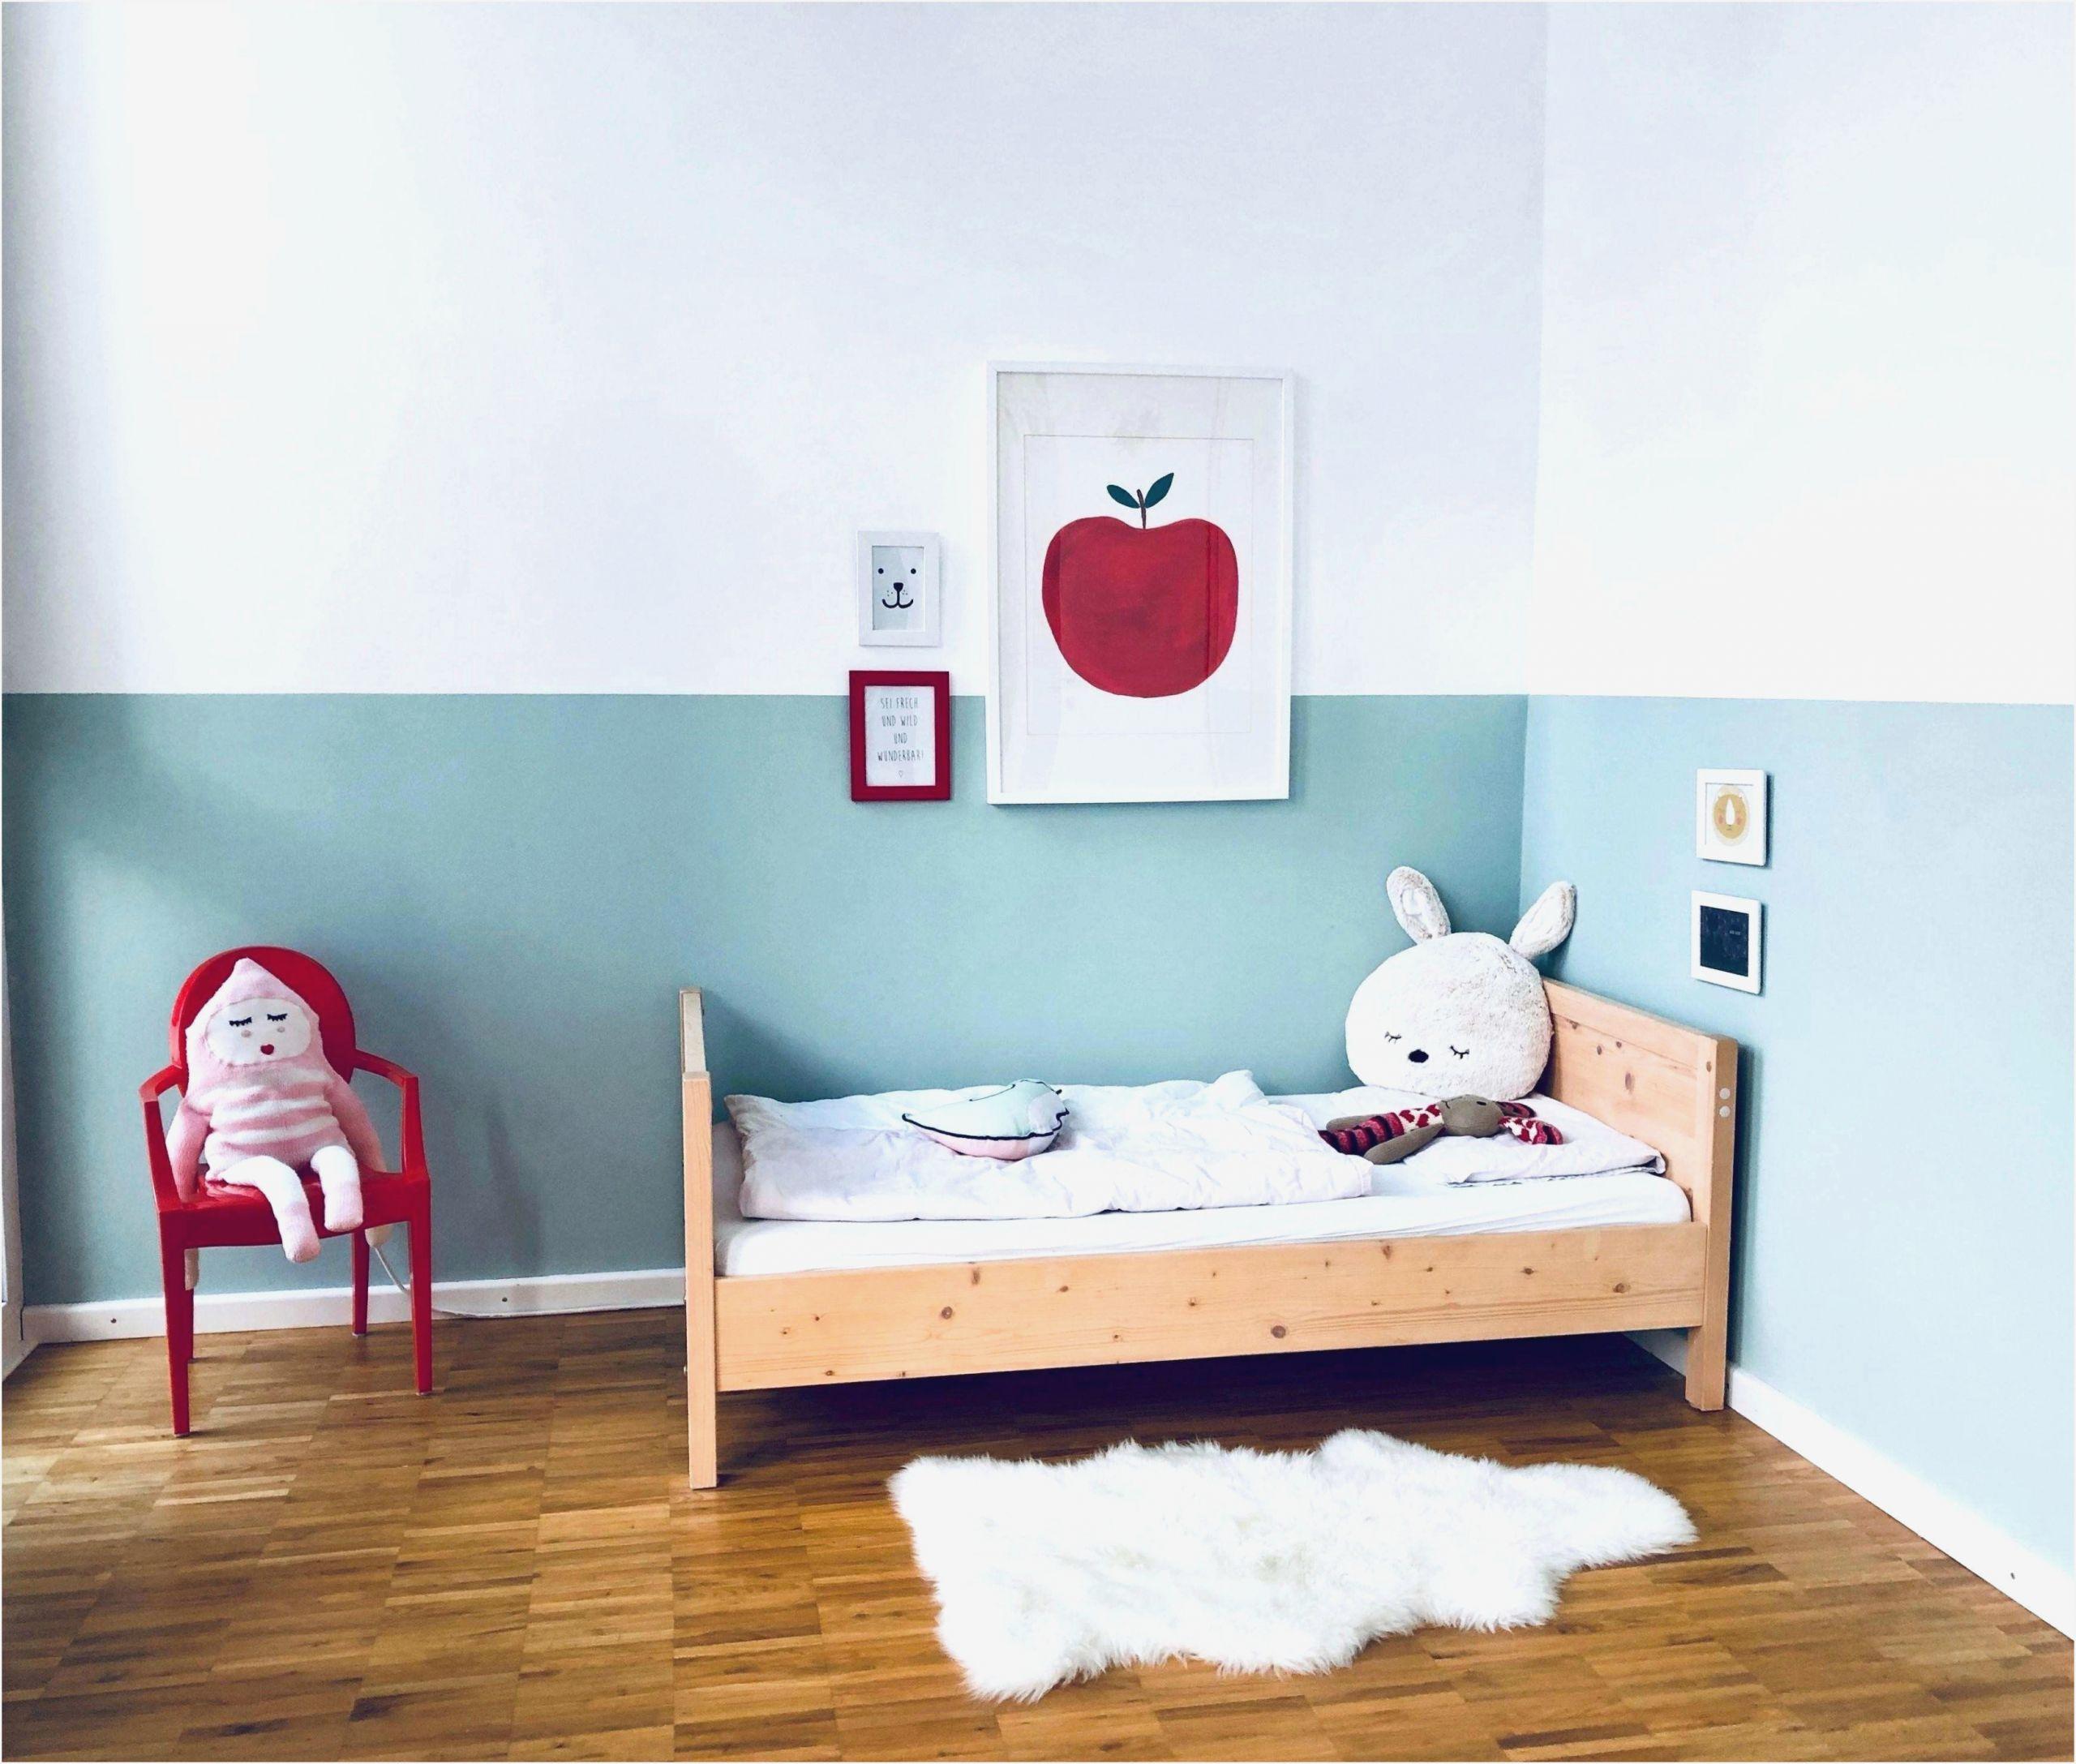 Full Size of Jungen Kinderzimmer Deko Fr 4 Jahre Traumhaus Regale Regal Weiß Sofa Kinderzimmer Jungen Kinderzimmer